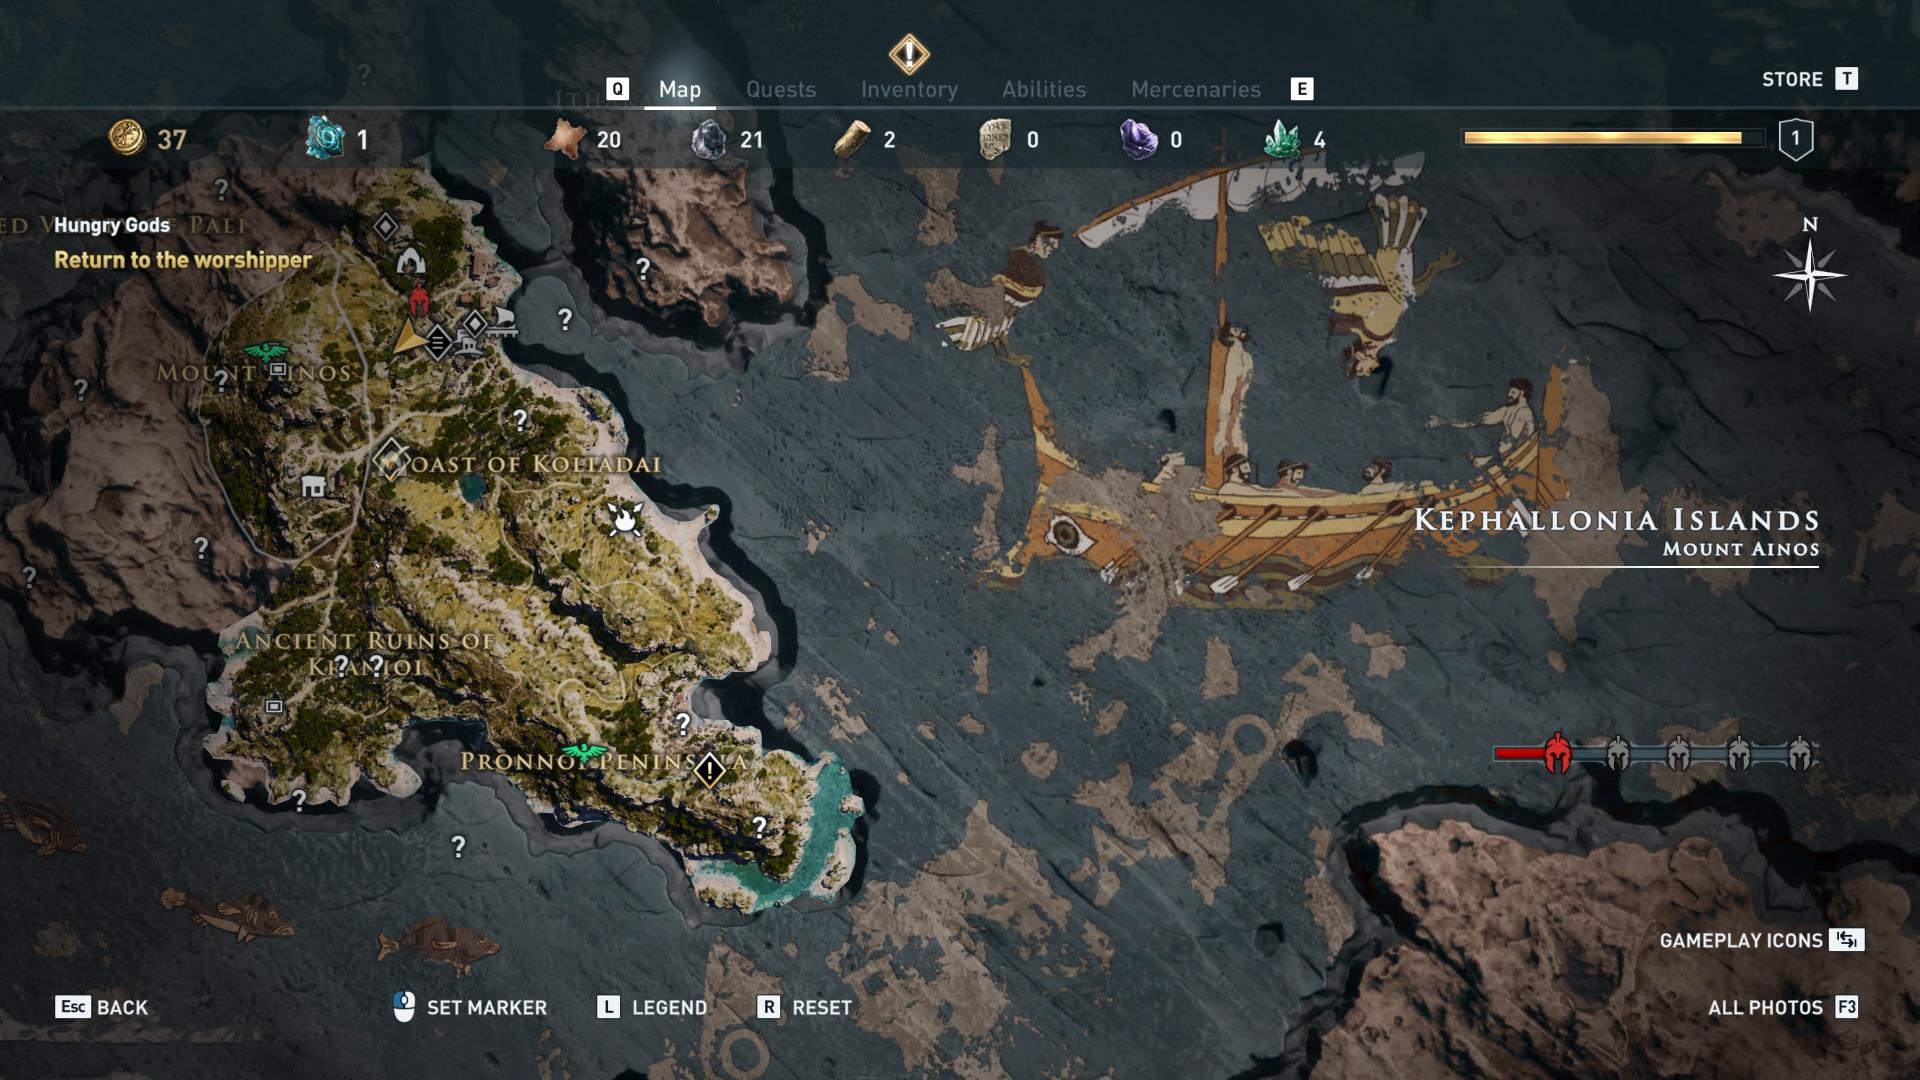 Assassin's Creed  Odyssey 2018.11.27 - 19.17.03.01.01_09_50_07.Still033.jpg